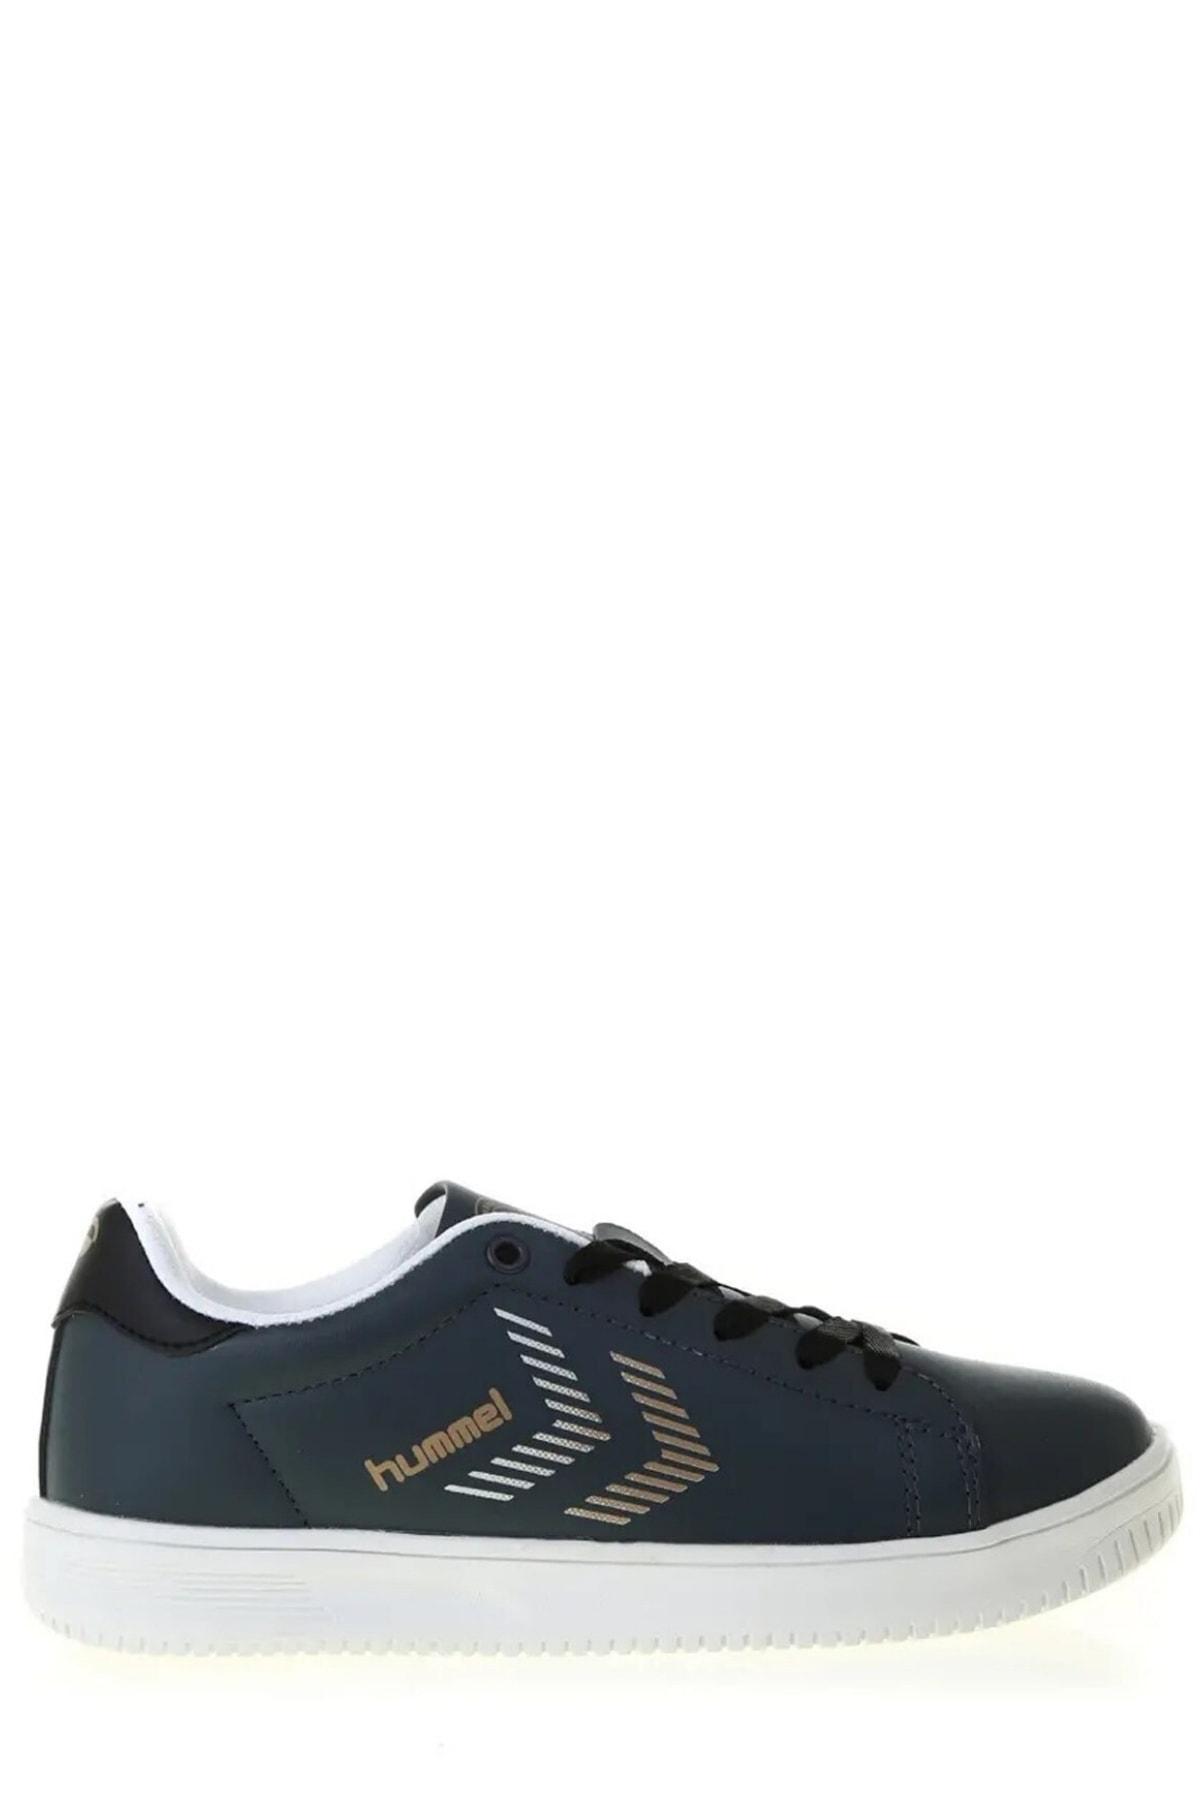 HUMMEL Vıborg Smu Kadın-erkek Ayakkabı 212150-7487 1